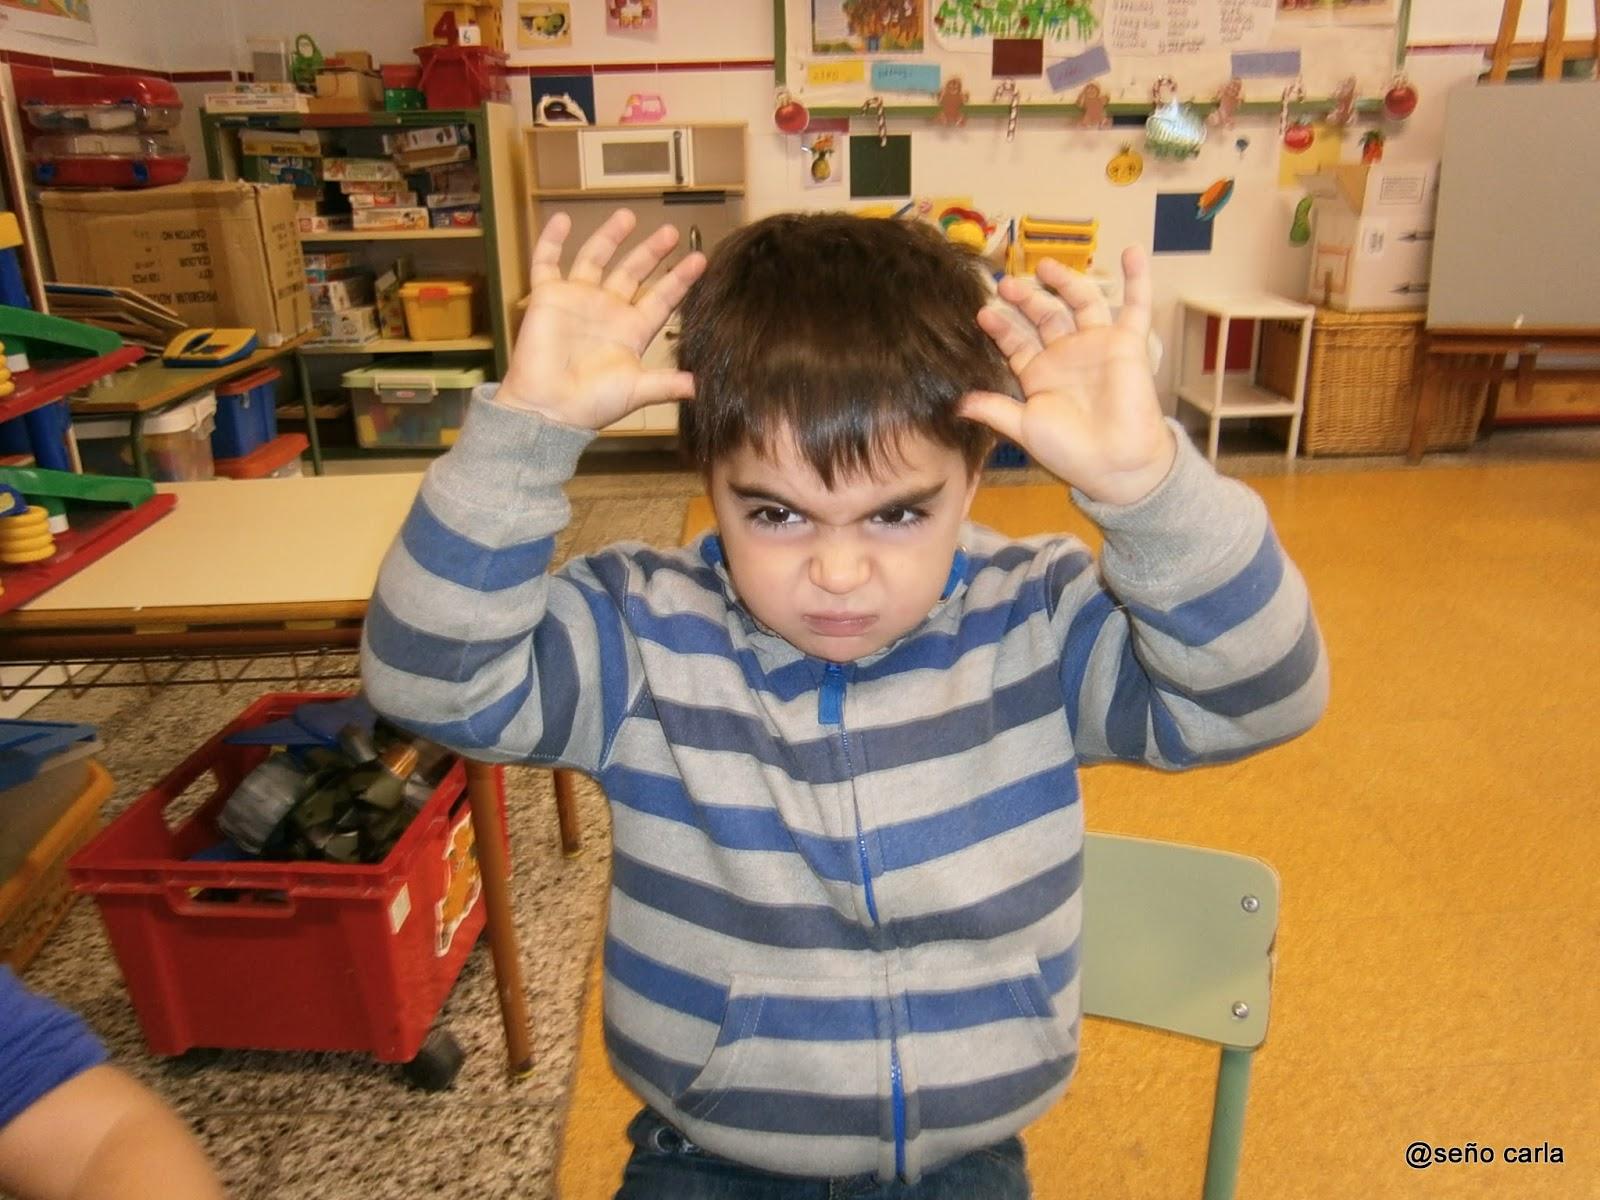 6 Hechos Curiosos Sobre Tus Expresiones Faciales,